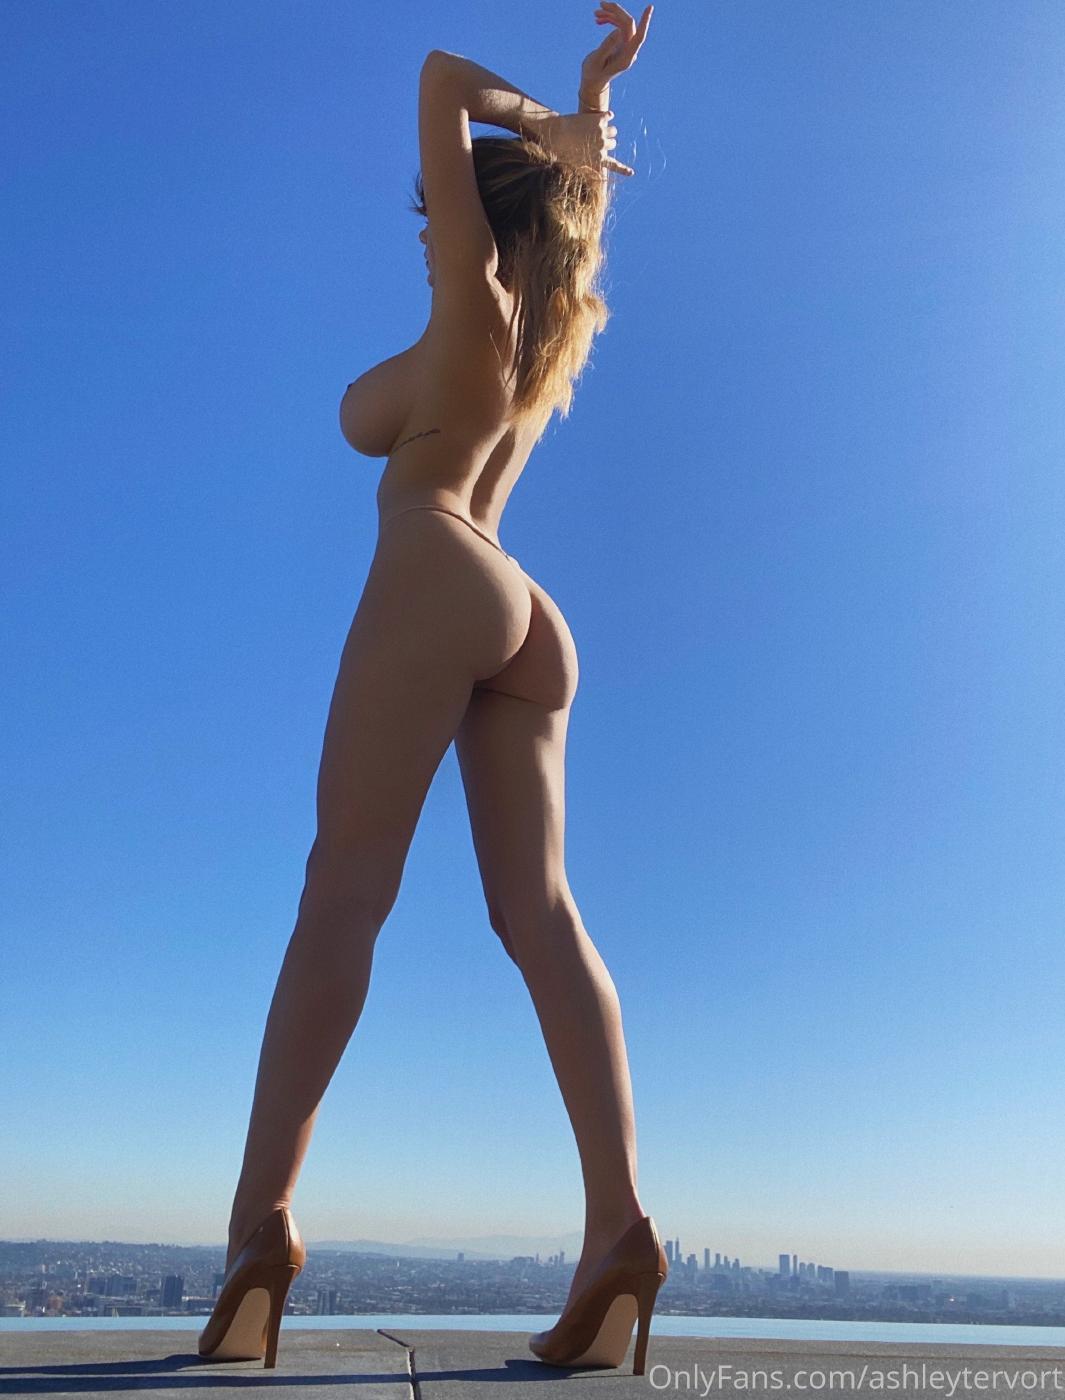 Ashley Tervort High Heels Nip Slip Onlyfans Set Leaked 0005